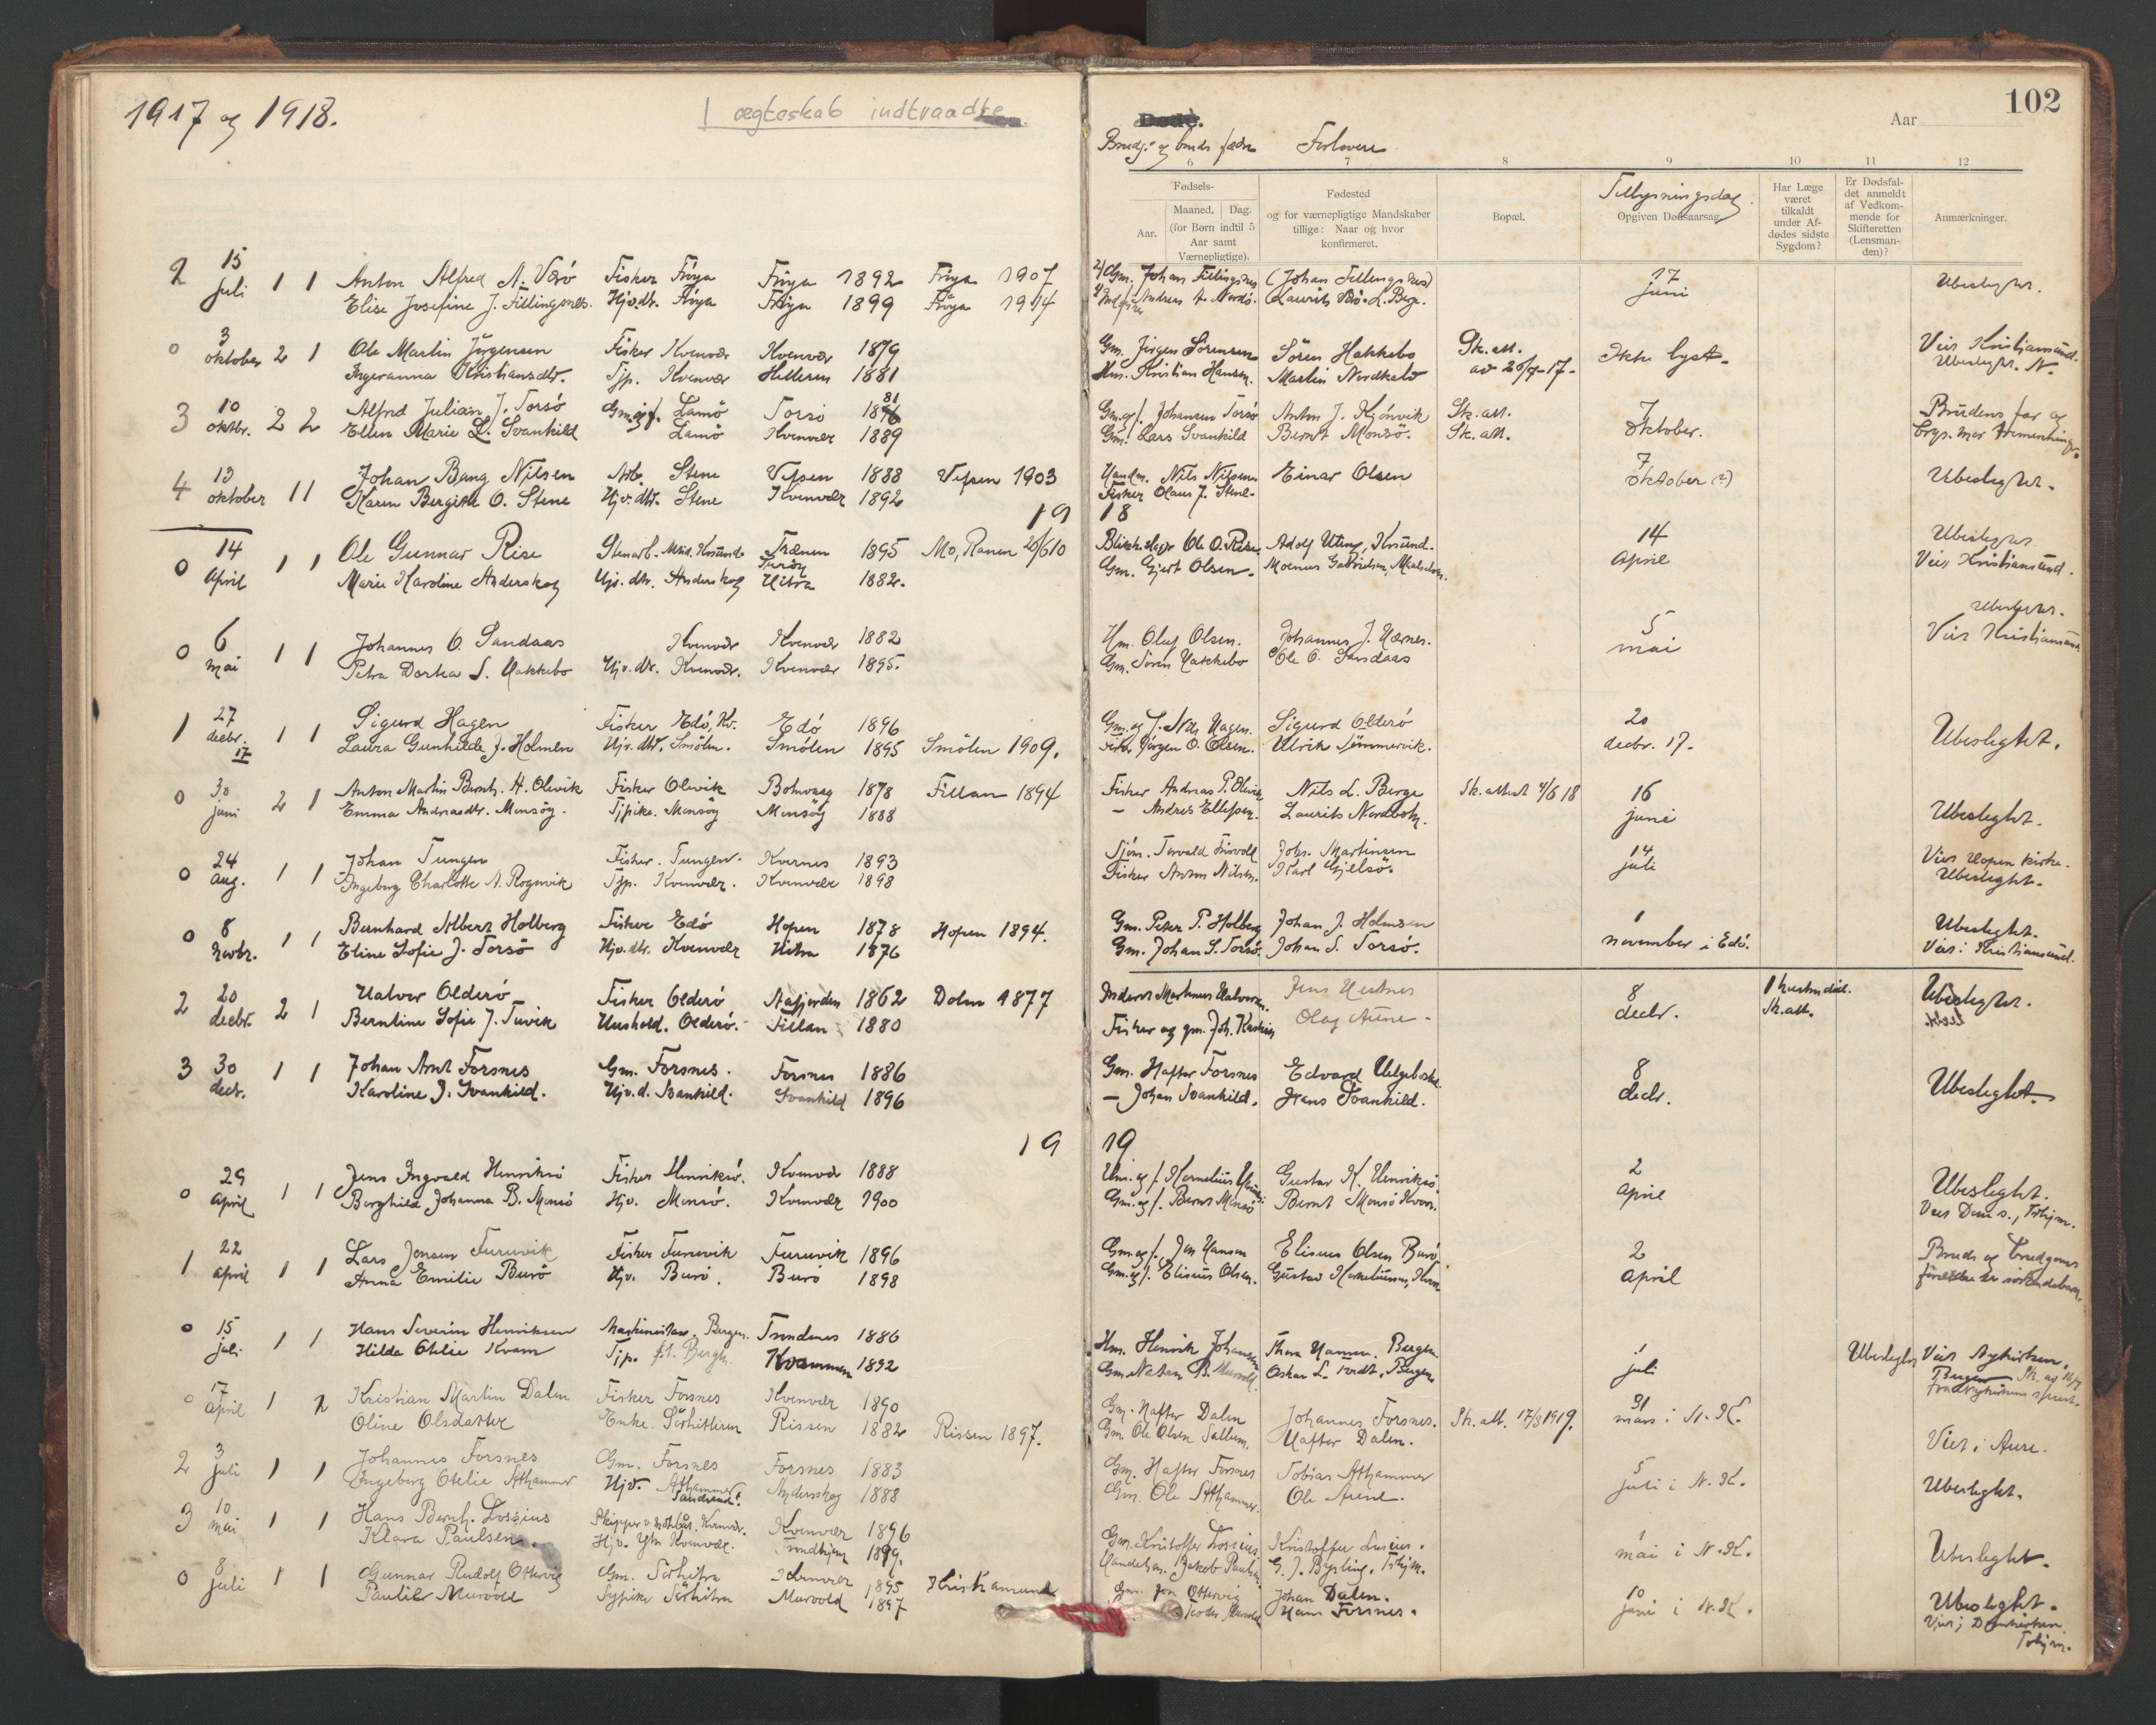 SAT, Ministerialprotokoller, klokkerbøker og fødselsregistre - Sør-Trøndelag, 635/L0552: Ministerialbok nr. 635A02, 1899-1919, s. 102